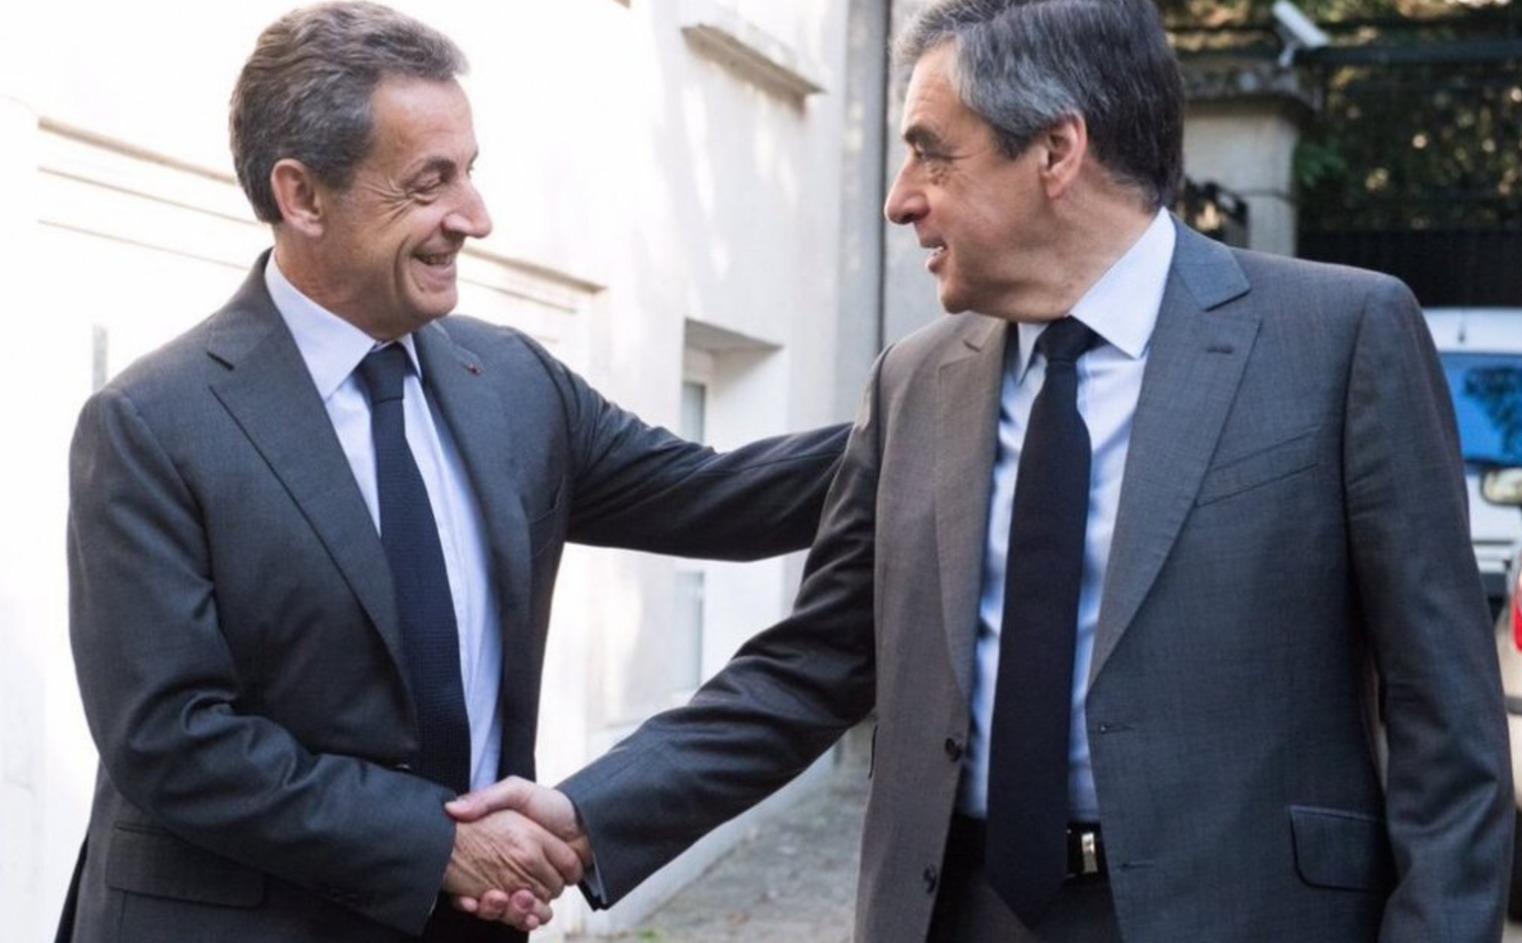 法国总统大选